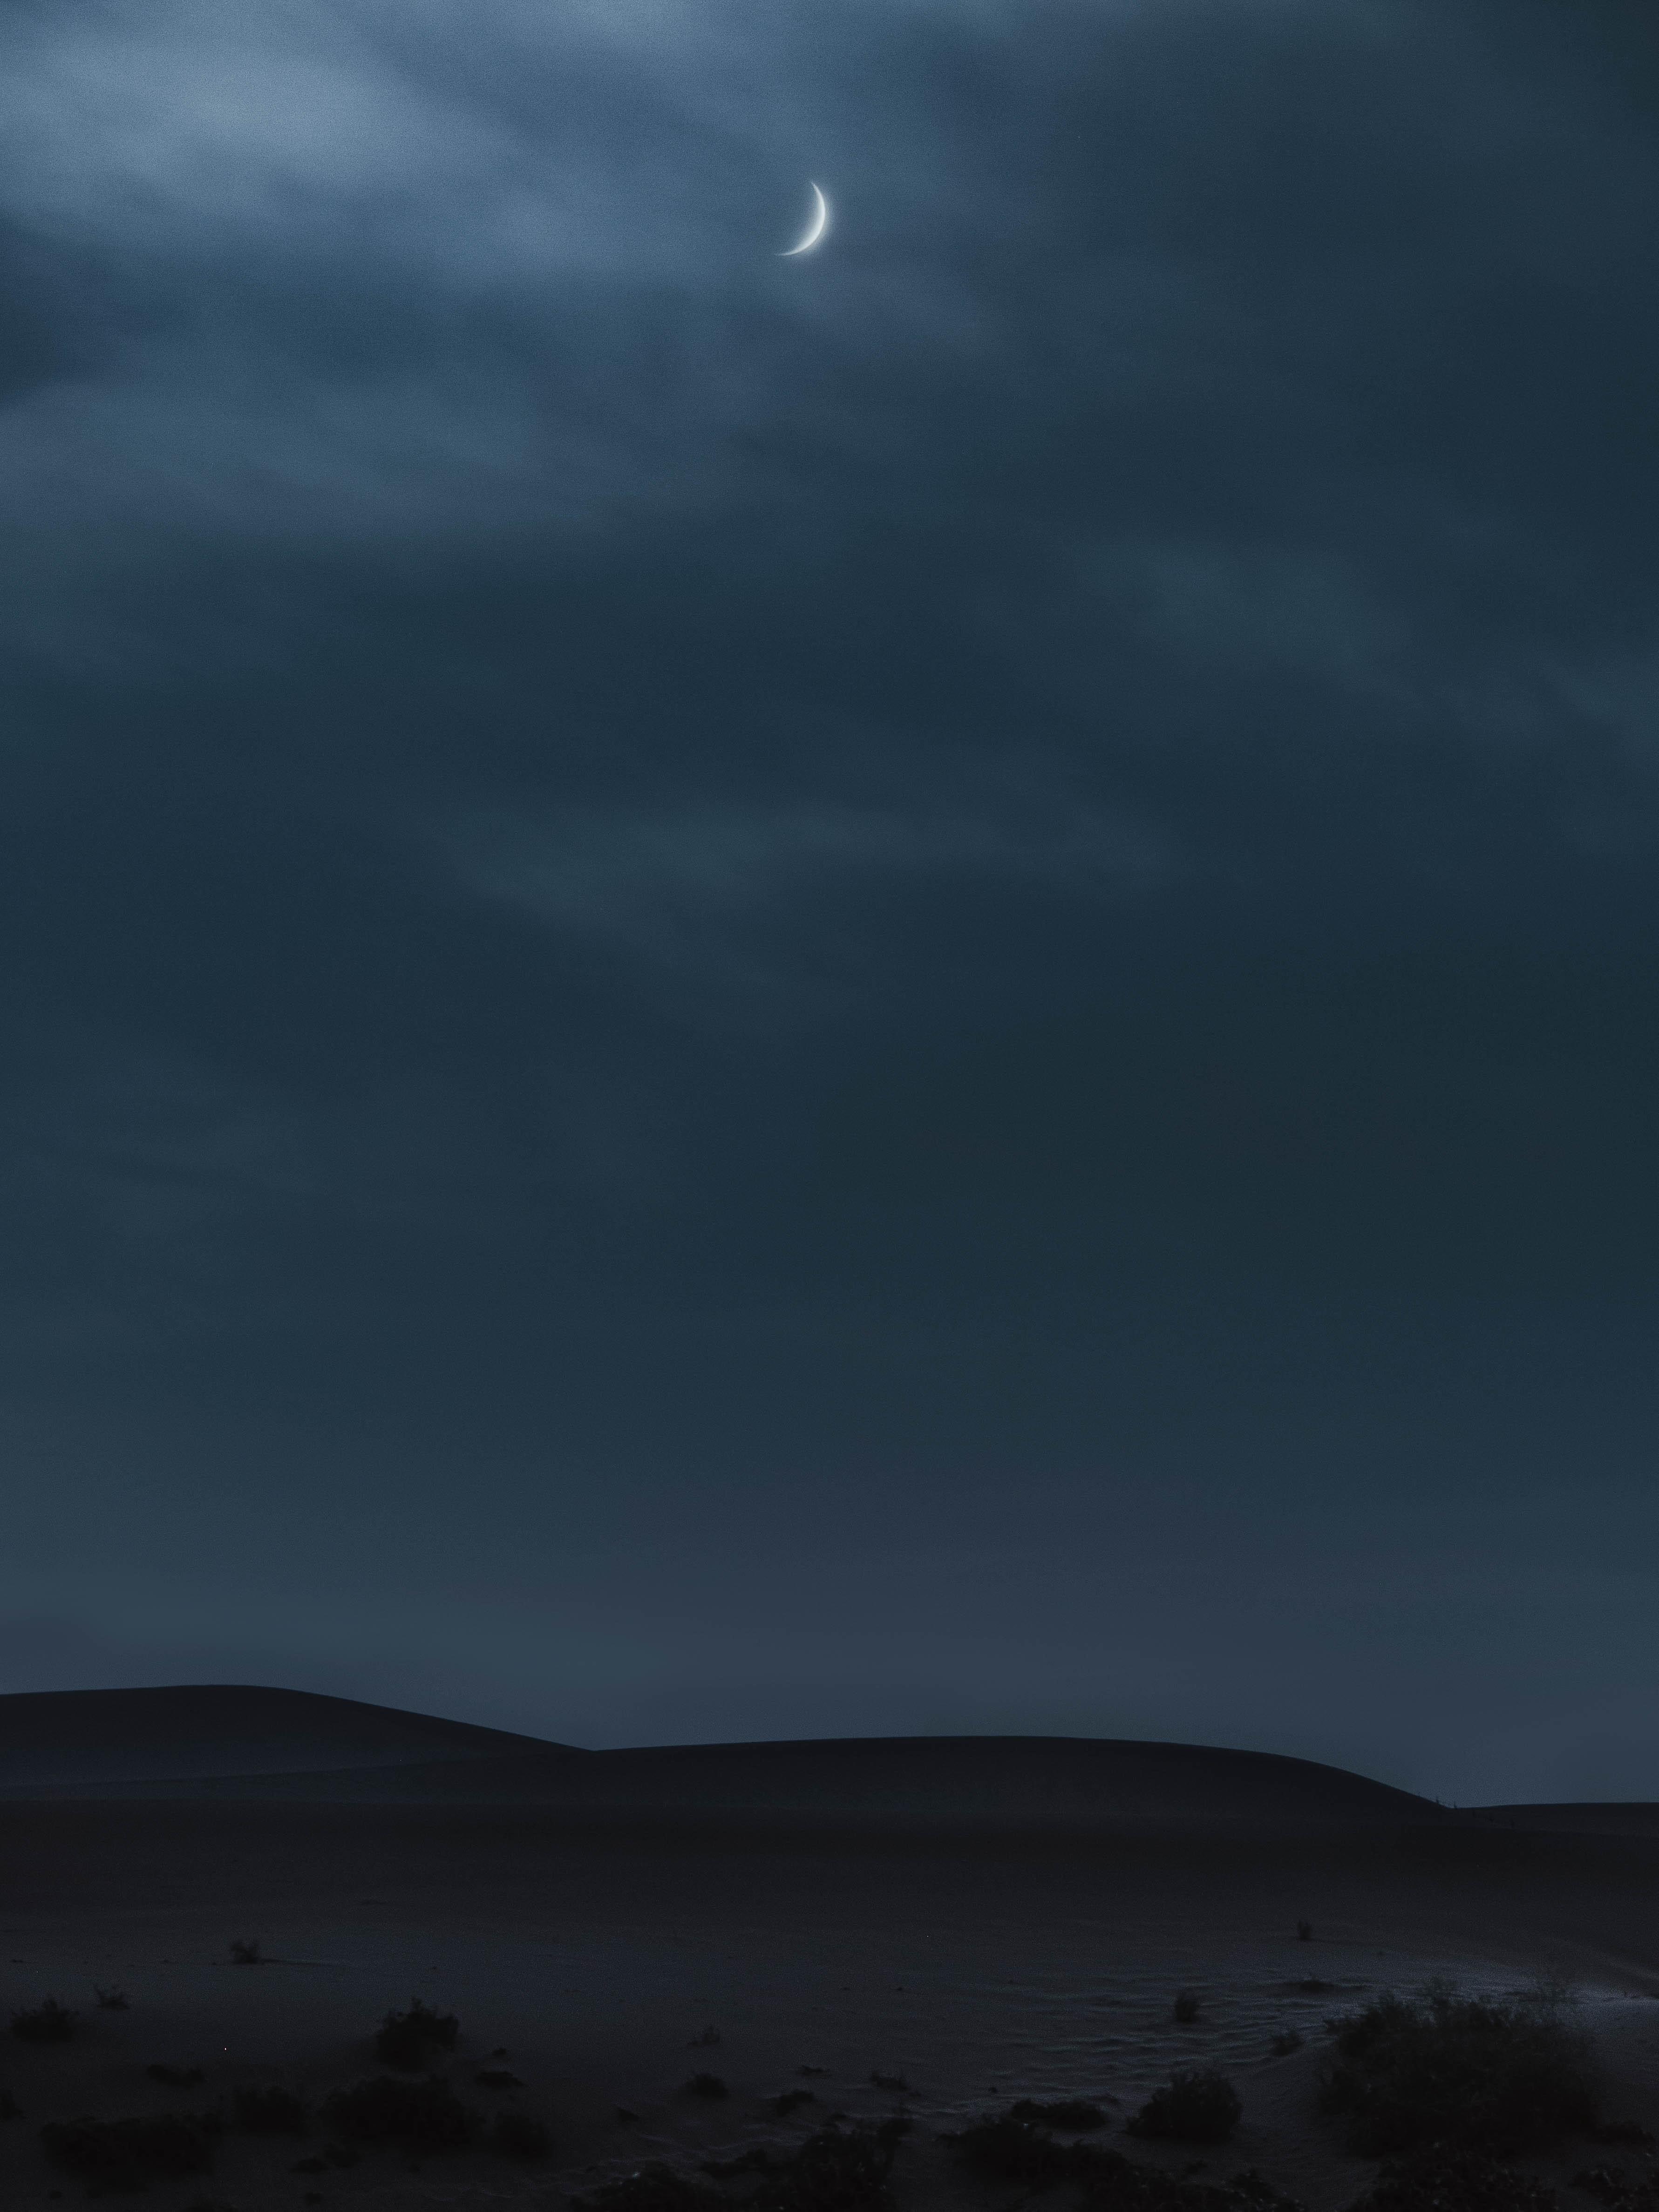 101985 免費下載壁紙 性质, 山丘, 丘陵, 月球, 黄昏, 夜, 沙漠 屏保和圖片